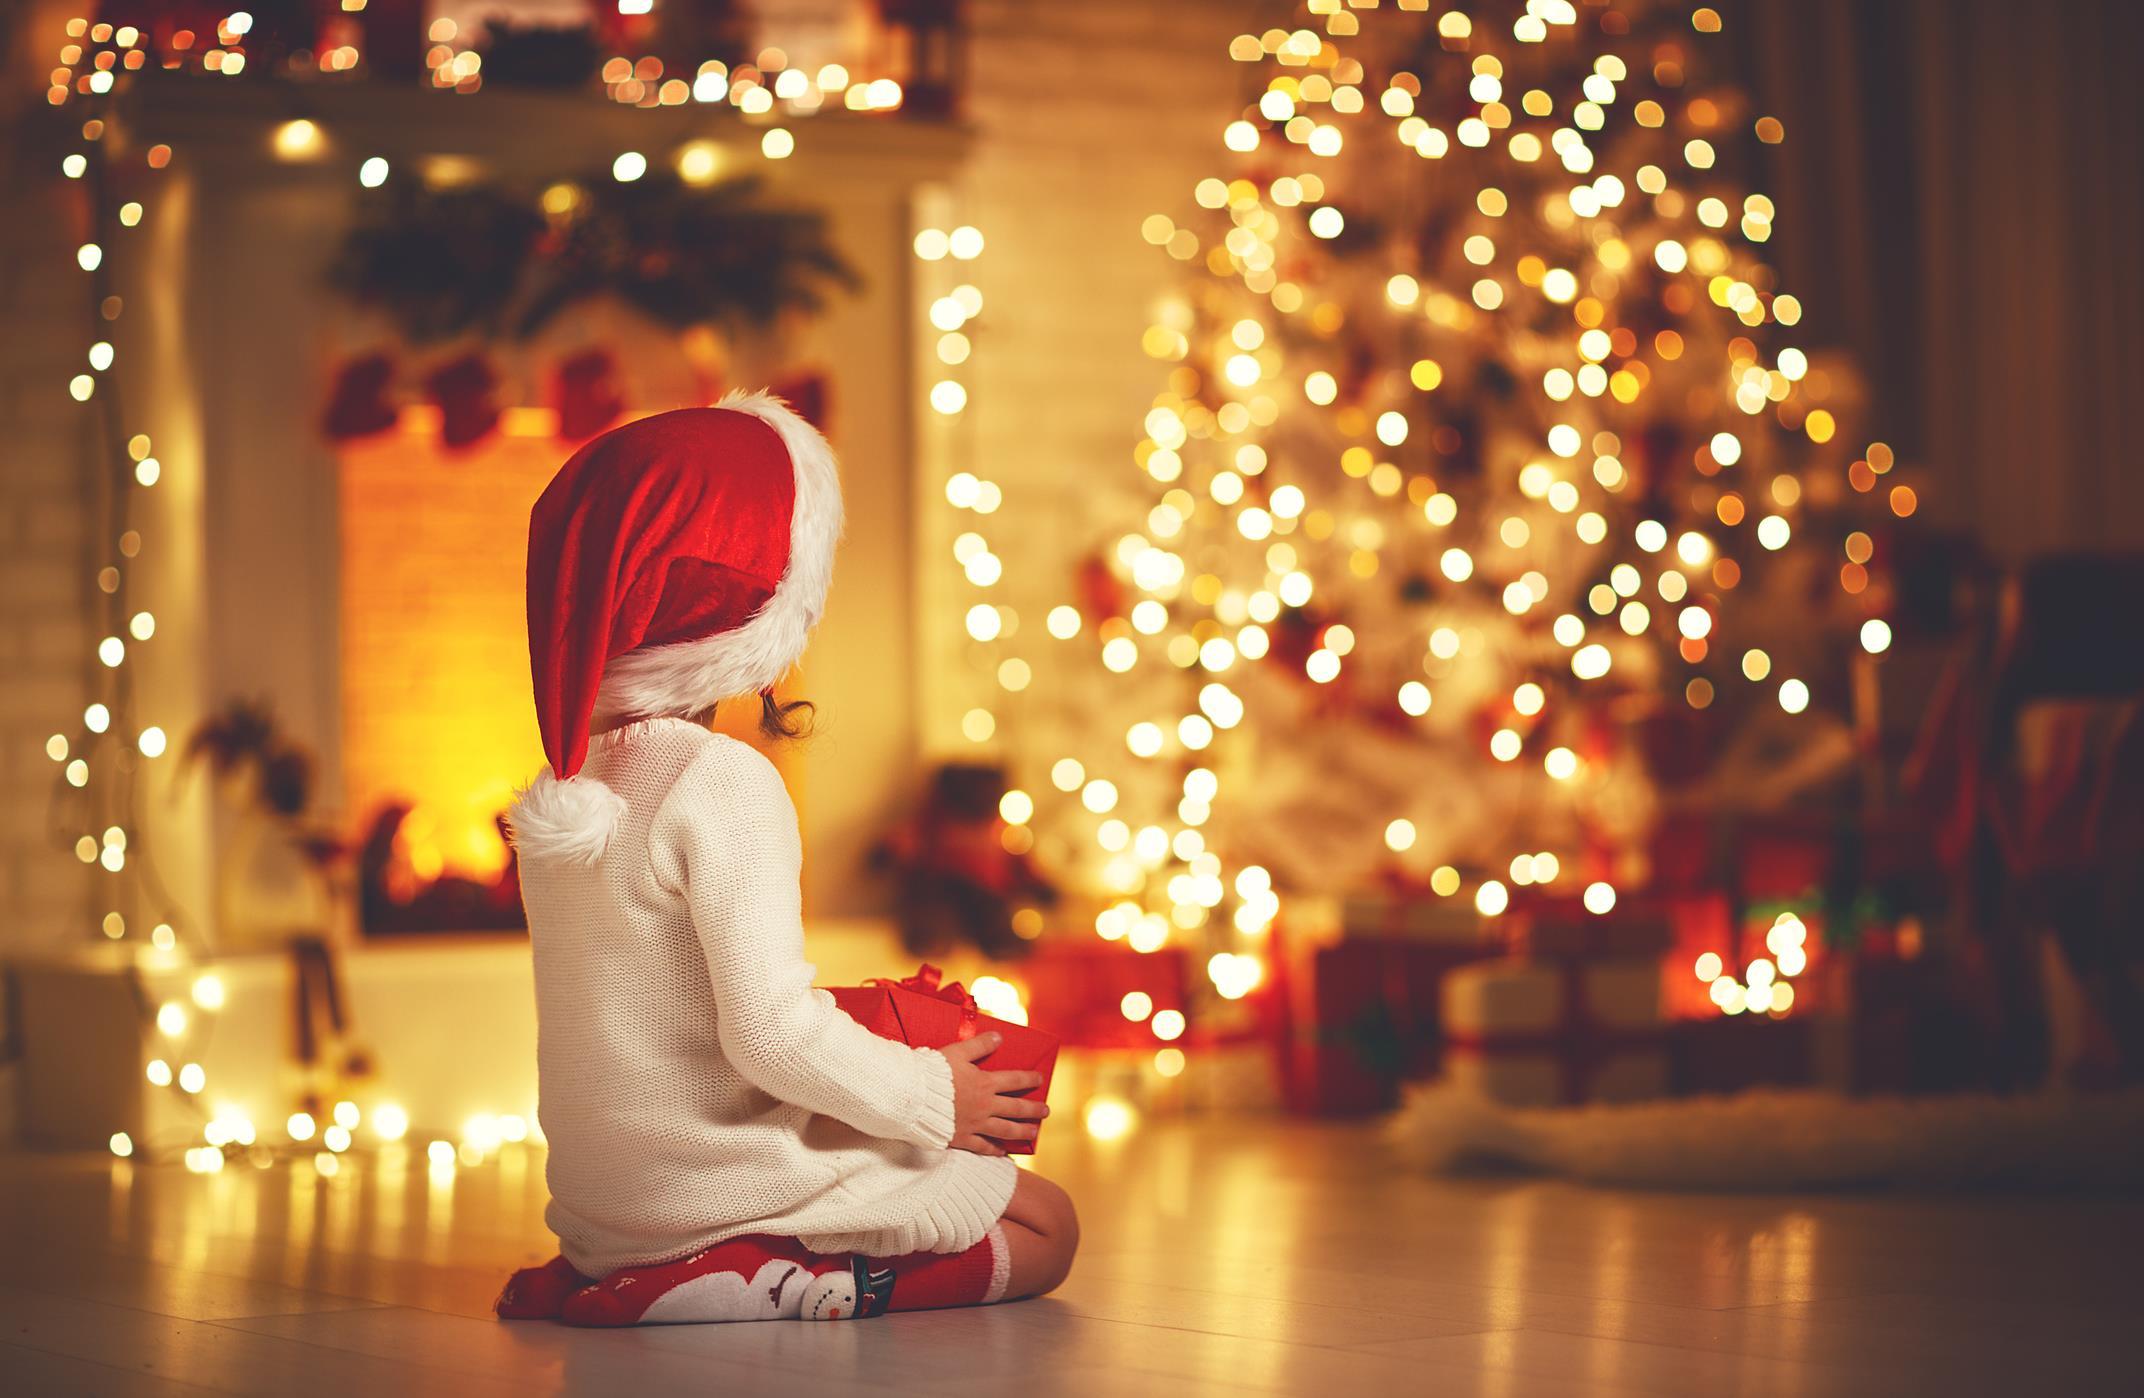 Bambina seduta con un regalo tra le mani che guarda l'albero di natale